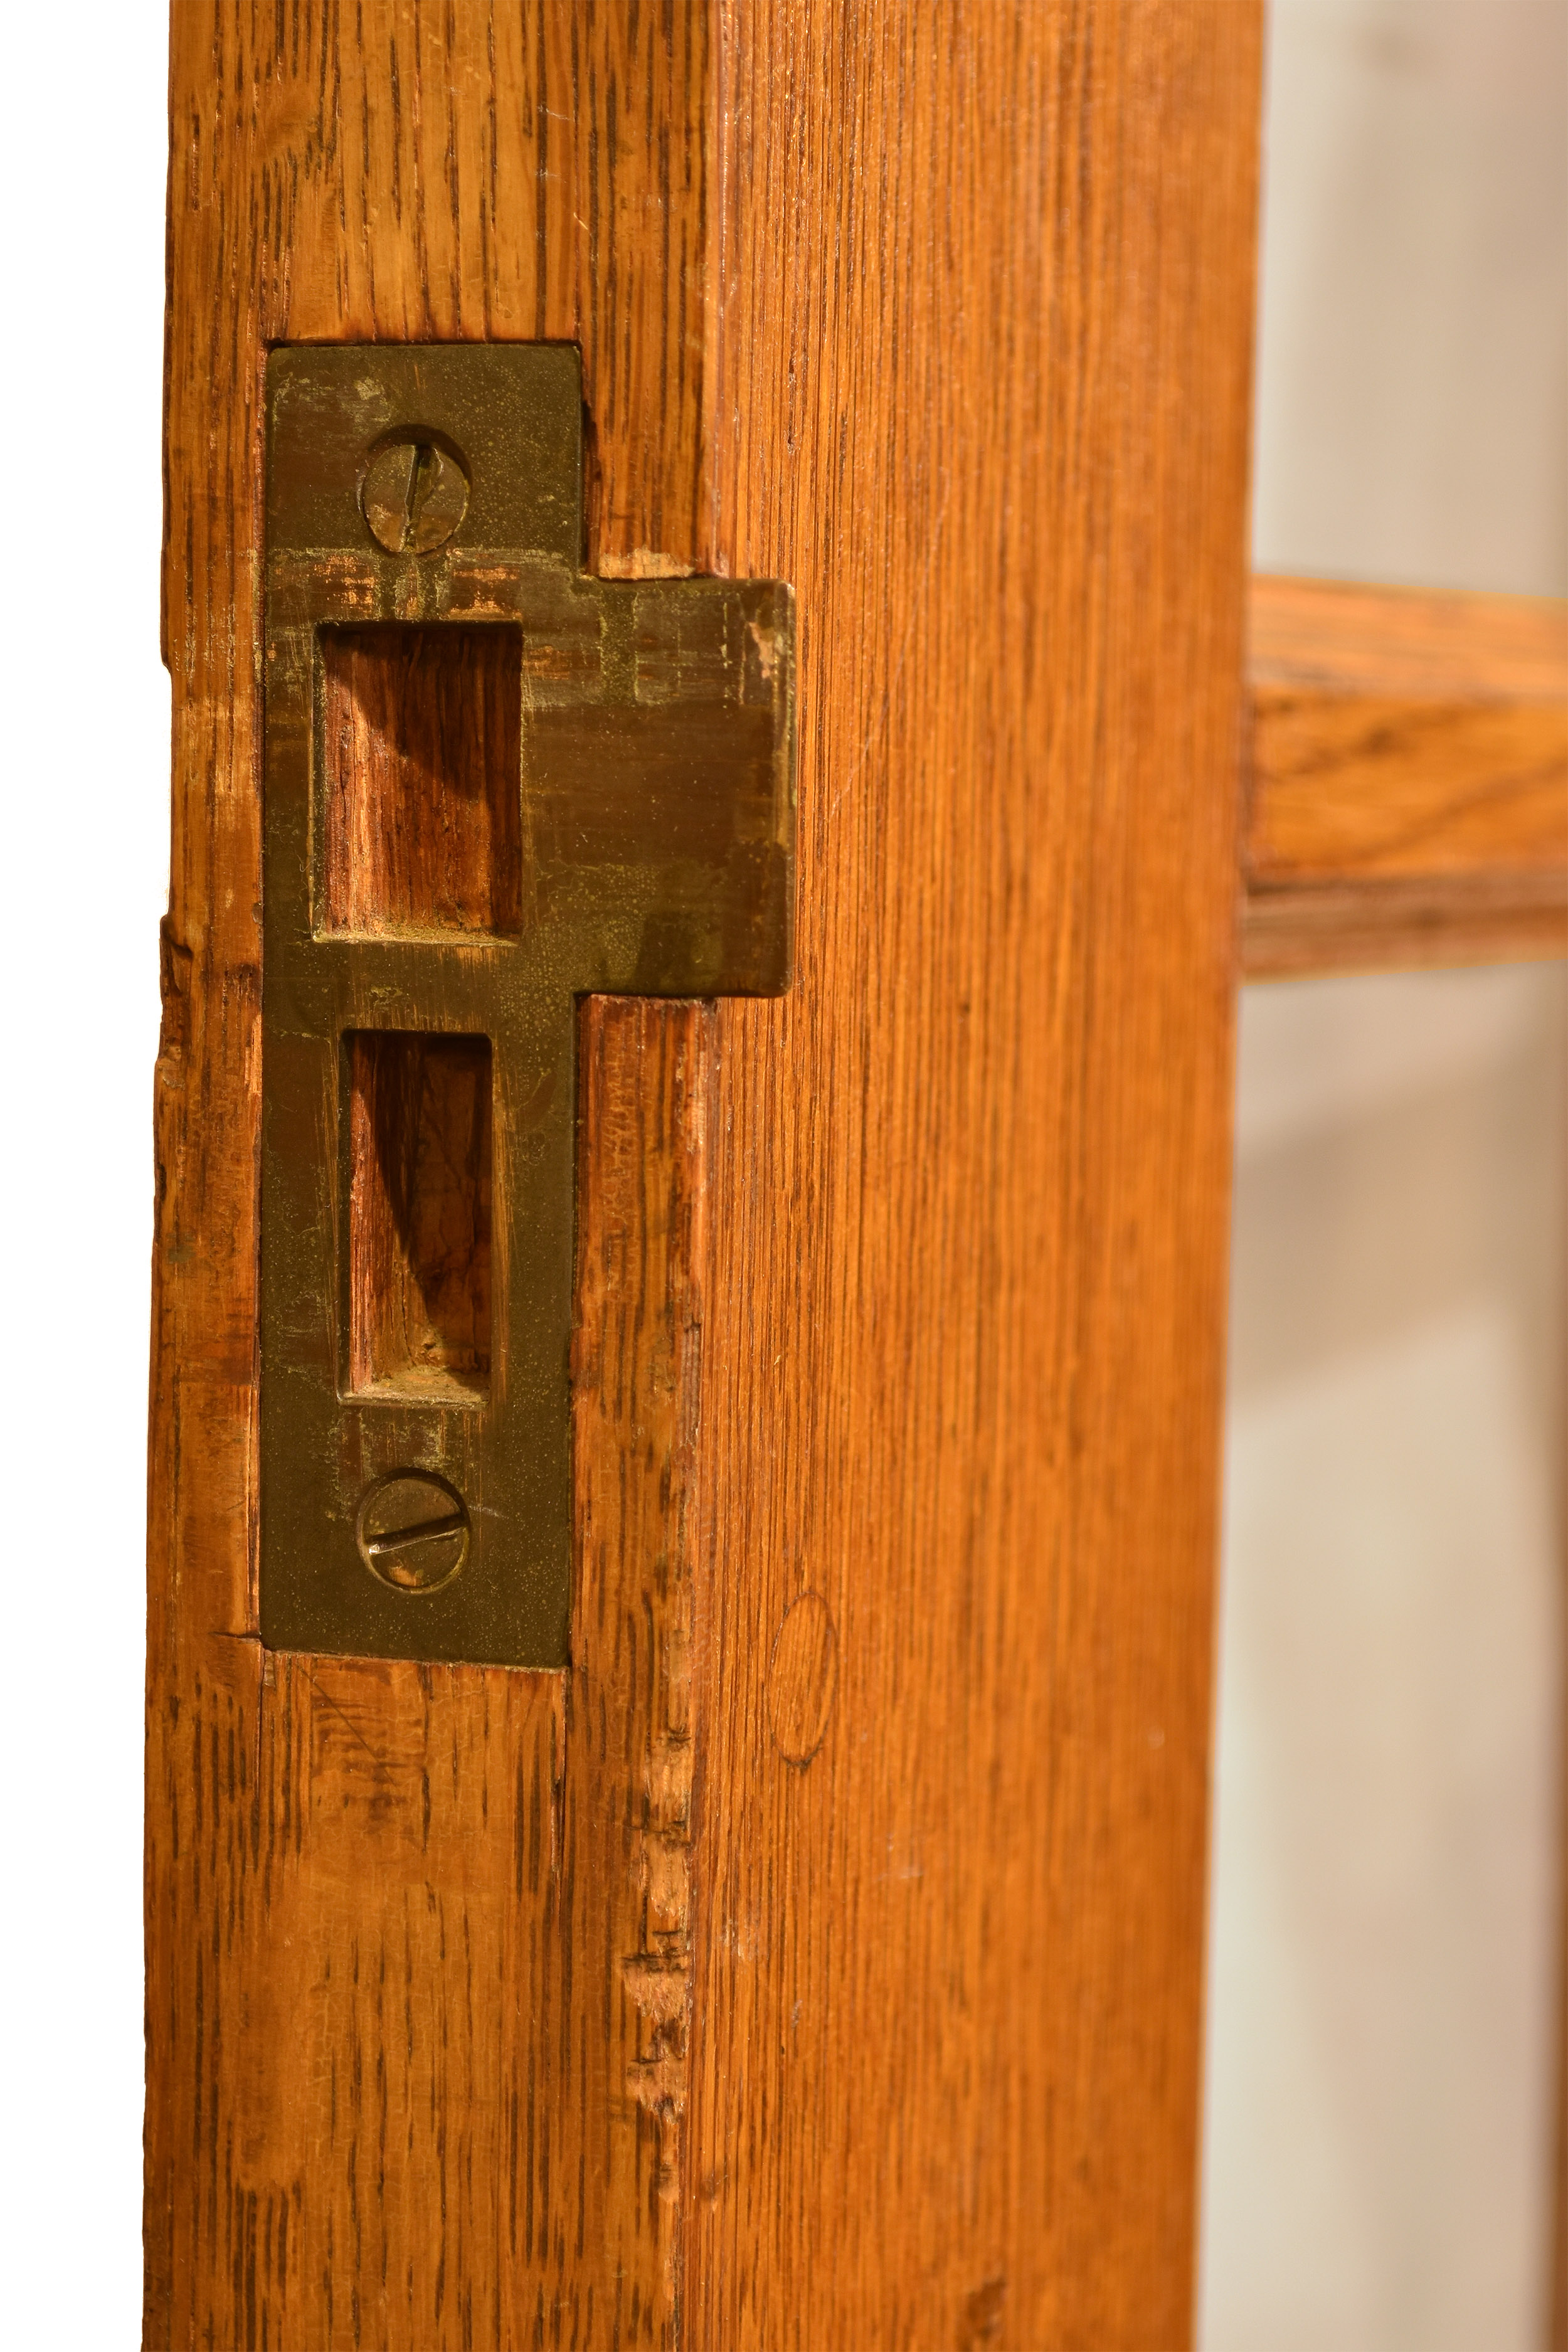 48407 oak double door 8 lite clear glass strike.jpg